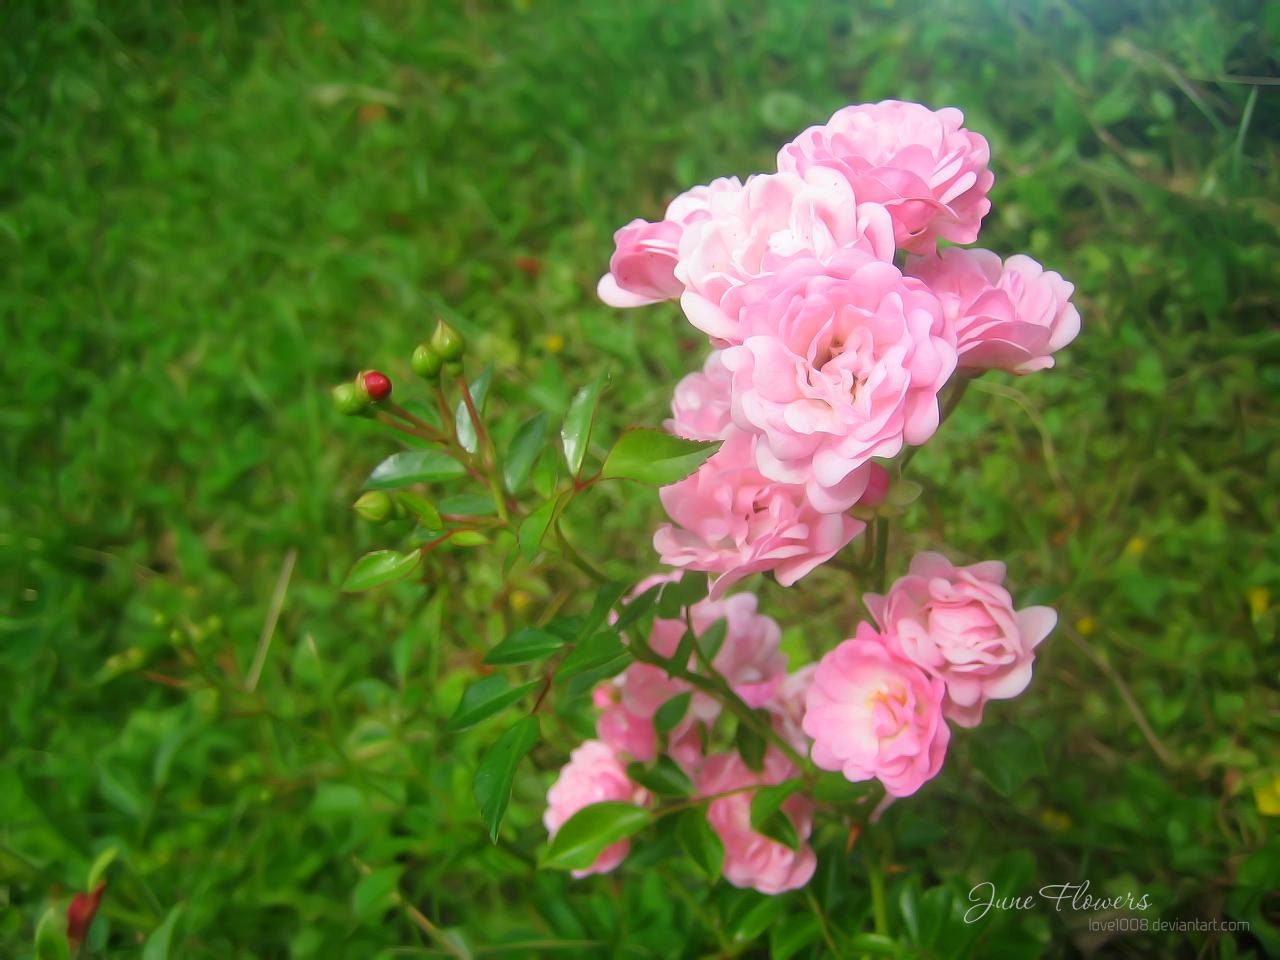 June Flowers 16 by love1008 on deviantART